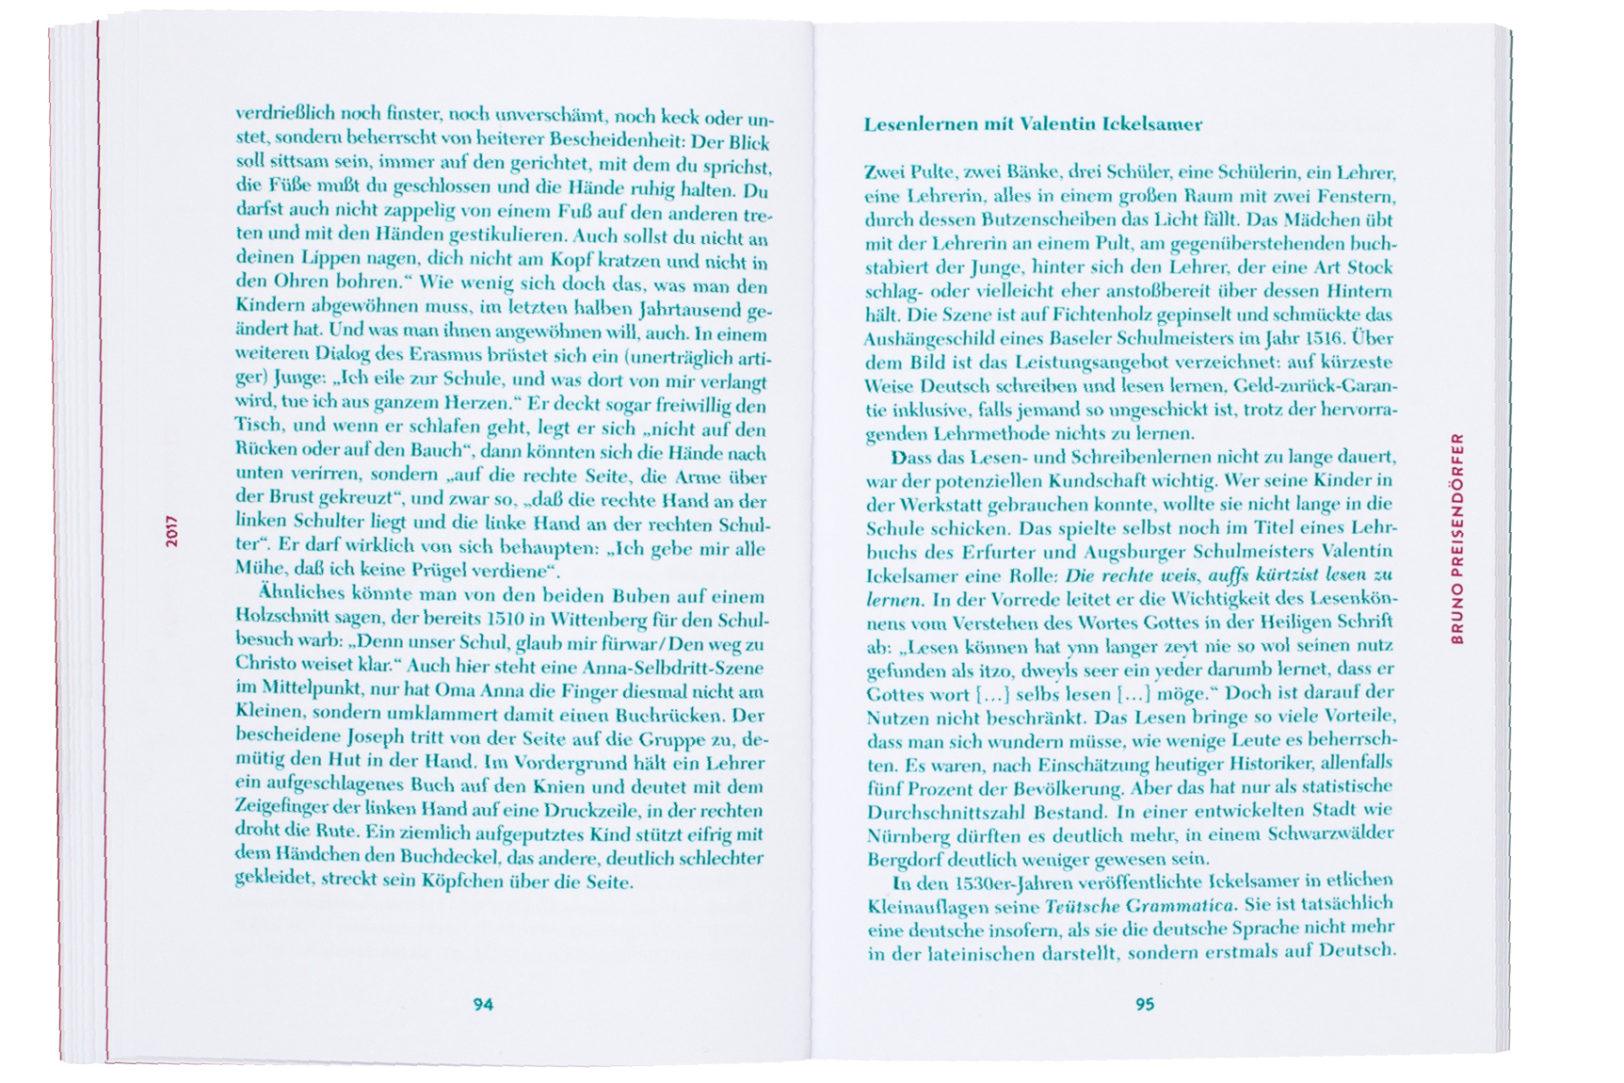 http://e-o-t.de/wordpress/wp-content/uploads/2017/12/e-o-t-2017-Books-ref-leselust-13.jpg